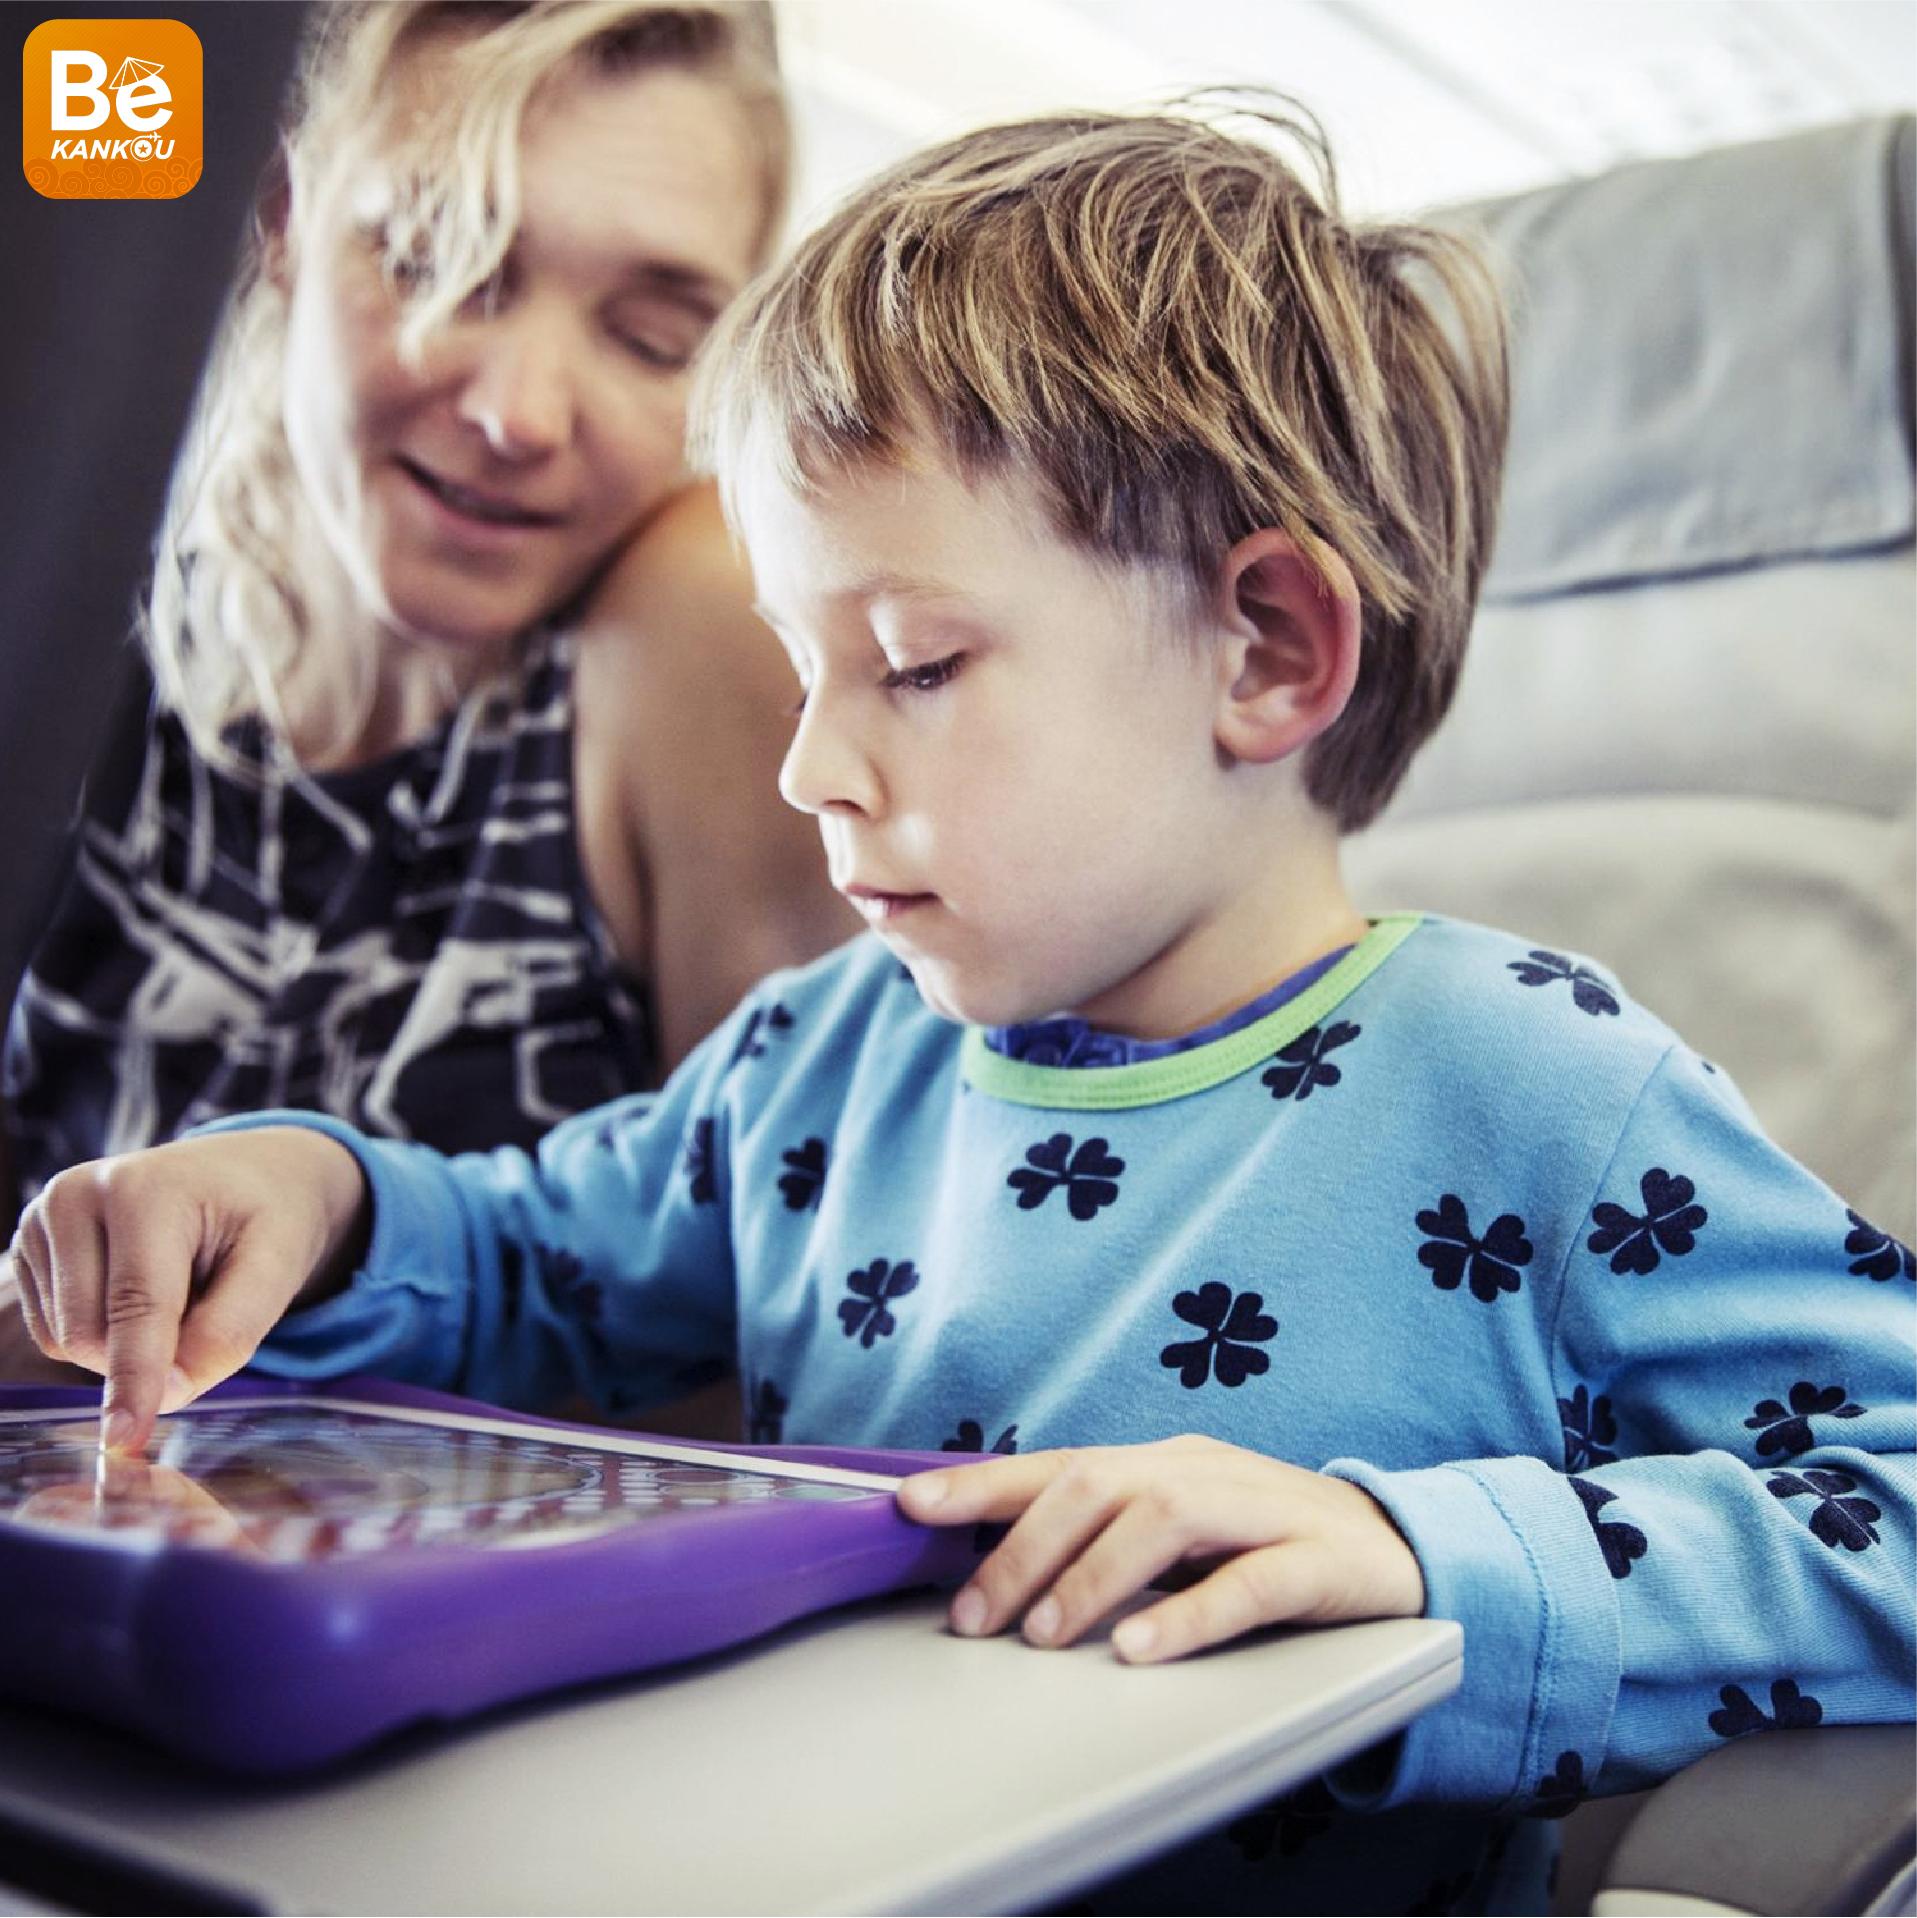 子供連れの旅行を容易にする有利なお勧め7選-09